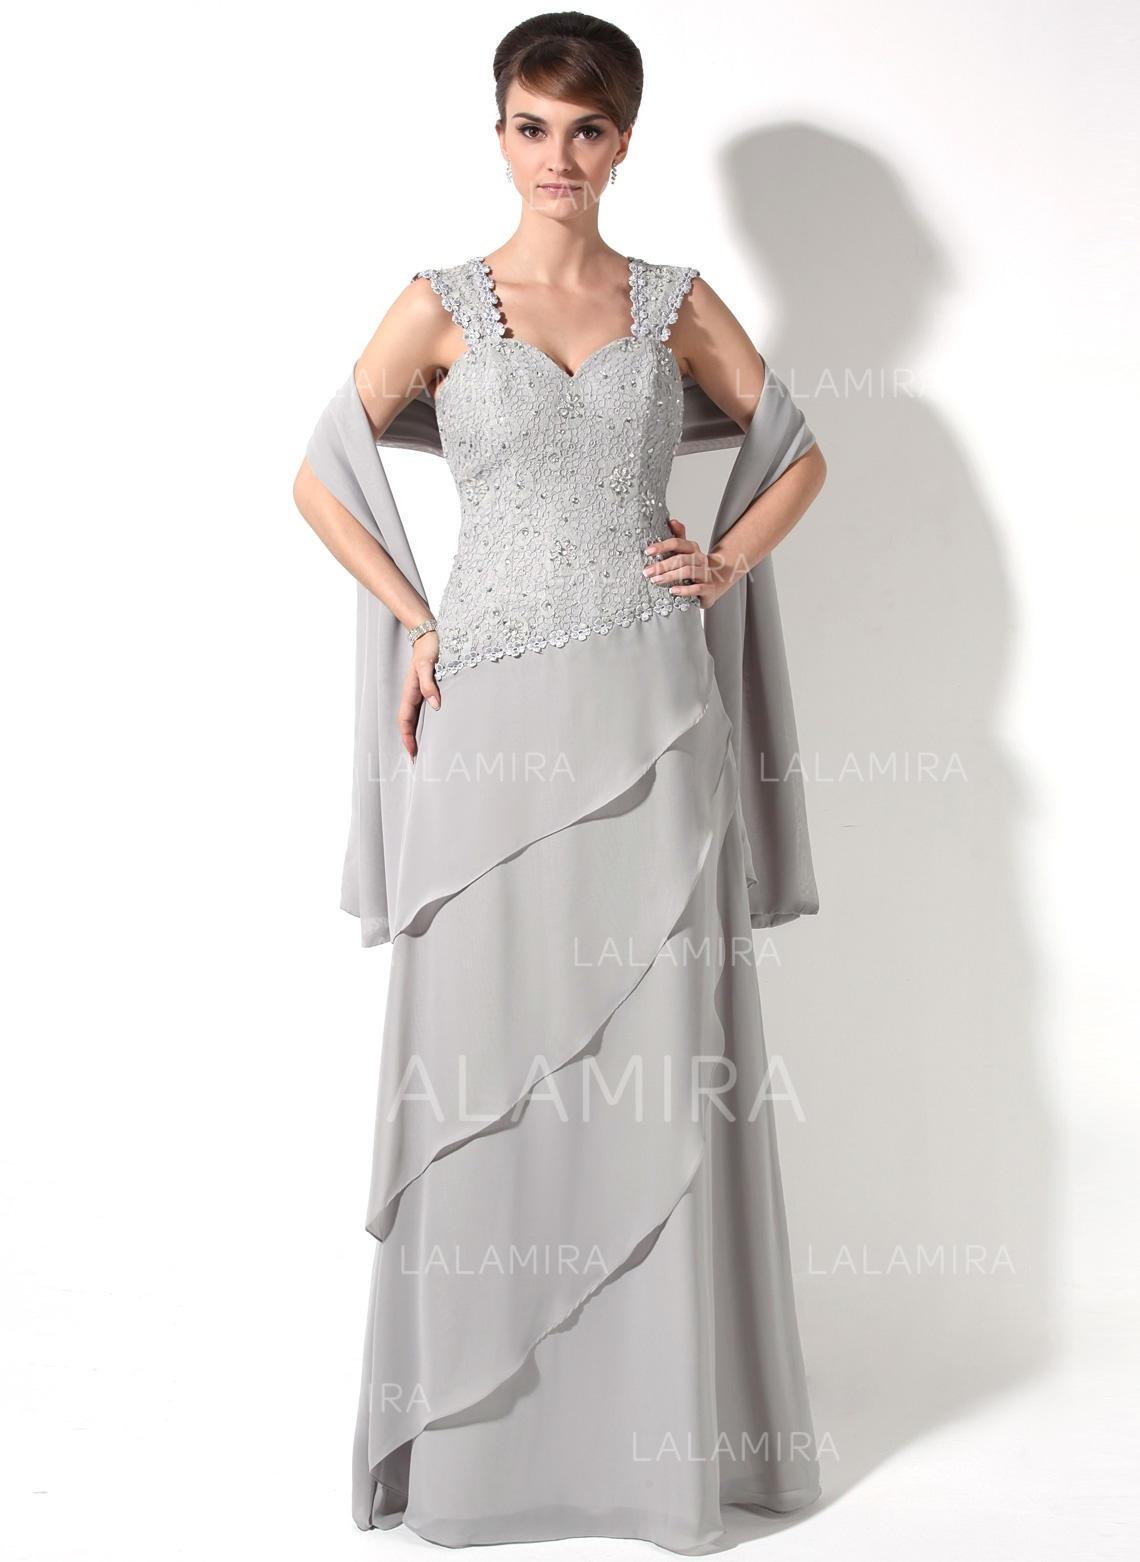 Luxus Kleider Für Die Brautmutter Ab 50 Boutique15 Leicht Kleider Für Die Brautmutter Ab 50 Ärmel